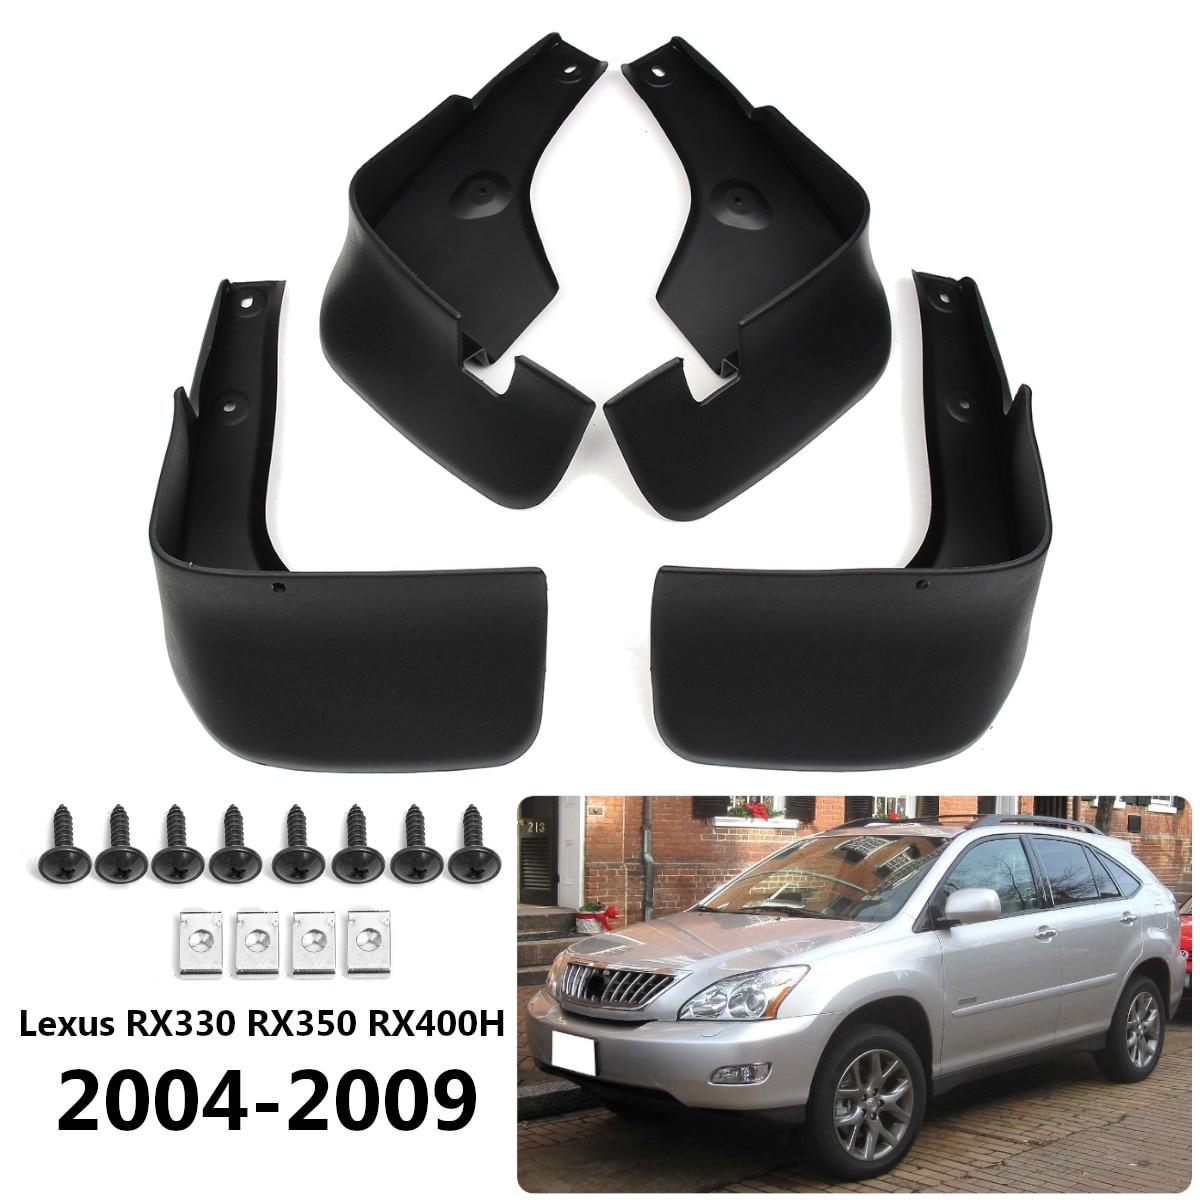 Front Rear Car Mud Flaps For Lexus RX330 RX350 RX400H 2004-2009 Mudflaps Mudguards Splash Guard Fender Accessories